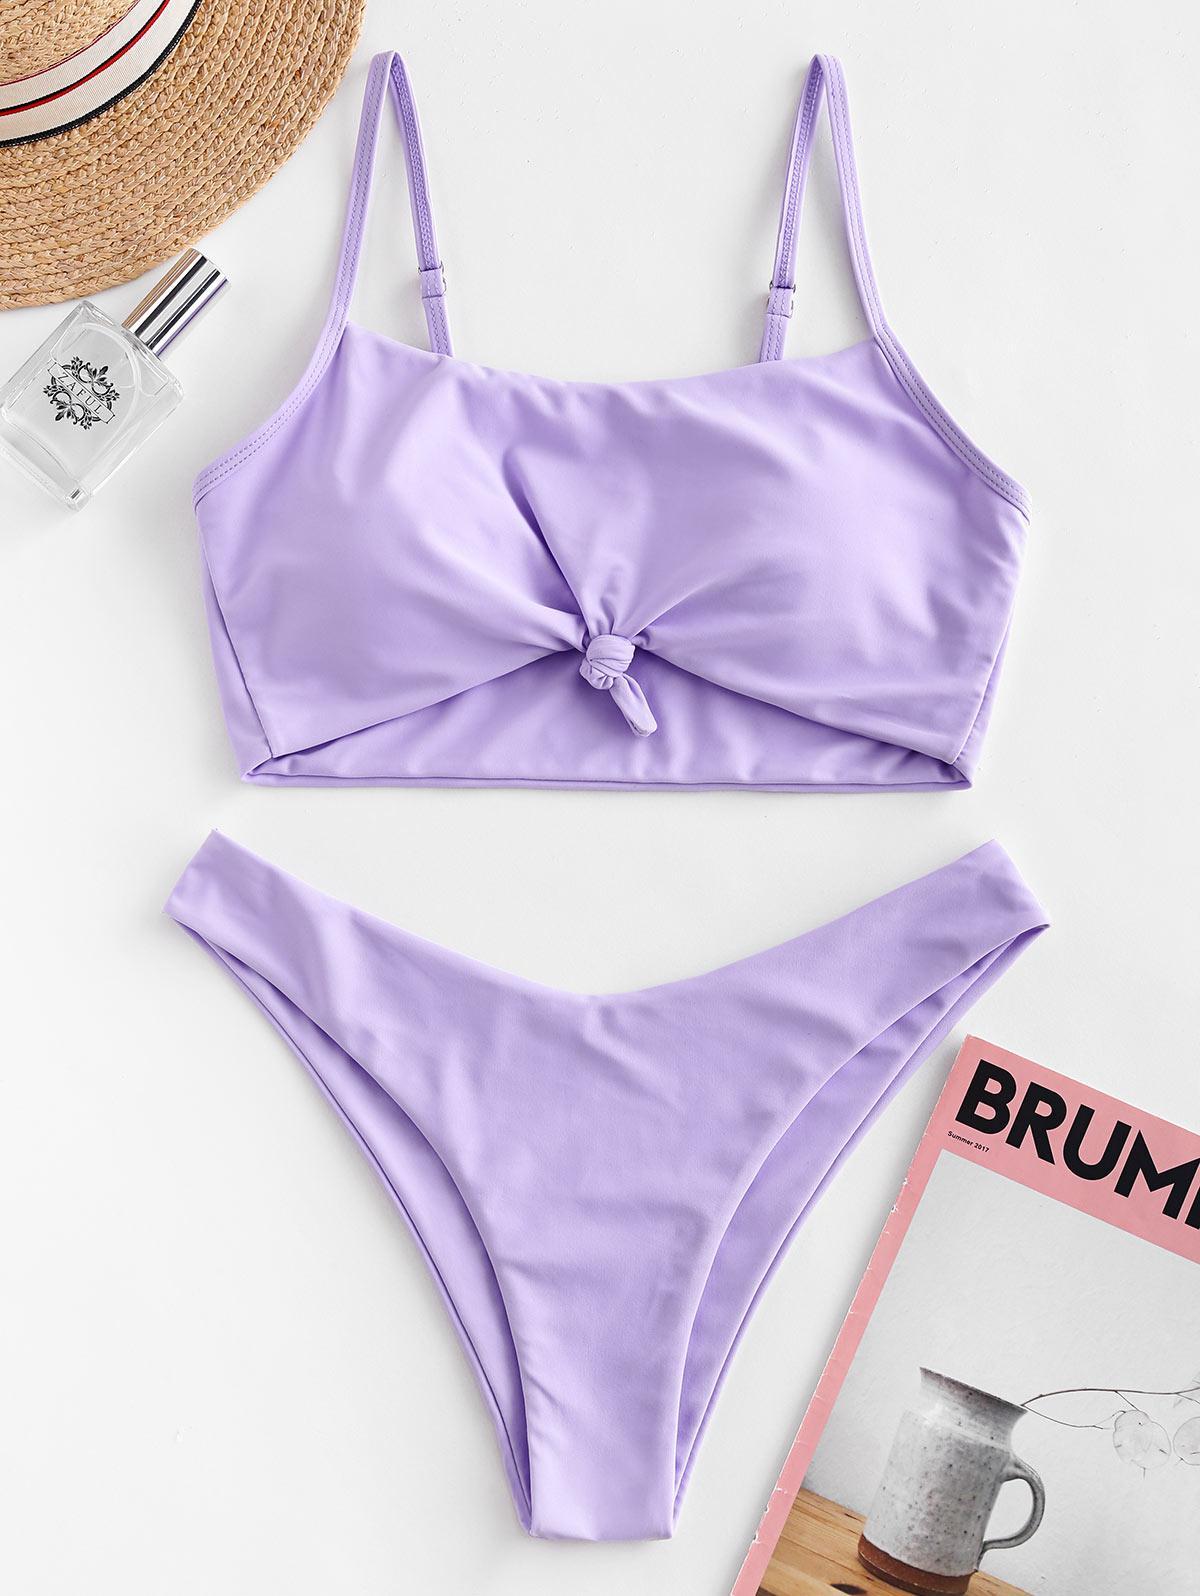 Zaful coupon: ZAFUL Knotted High Leg Bikini Swimsuit